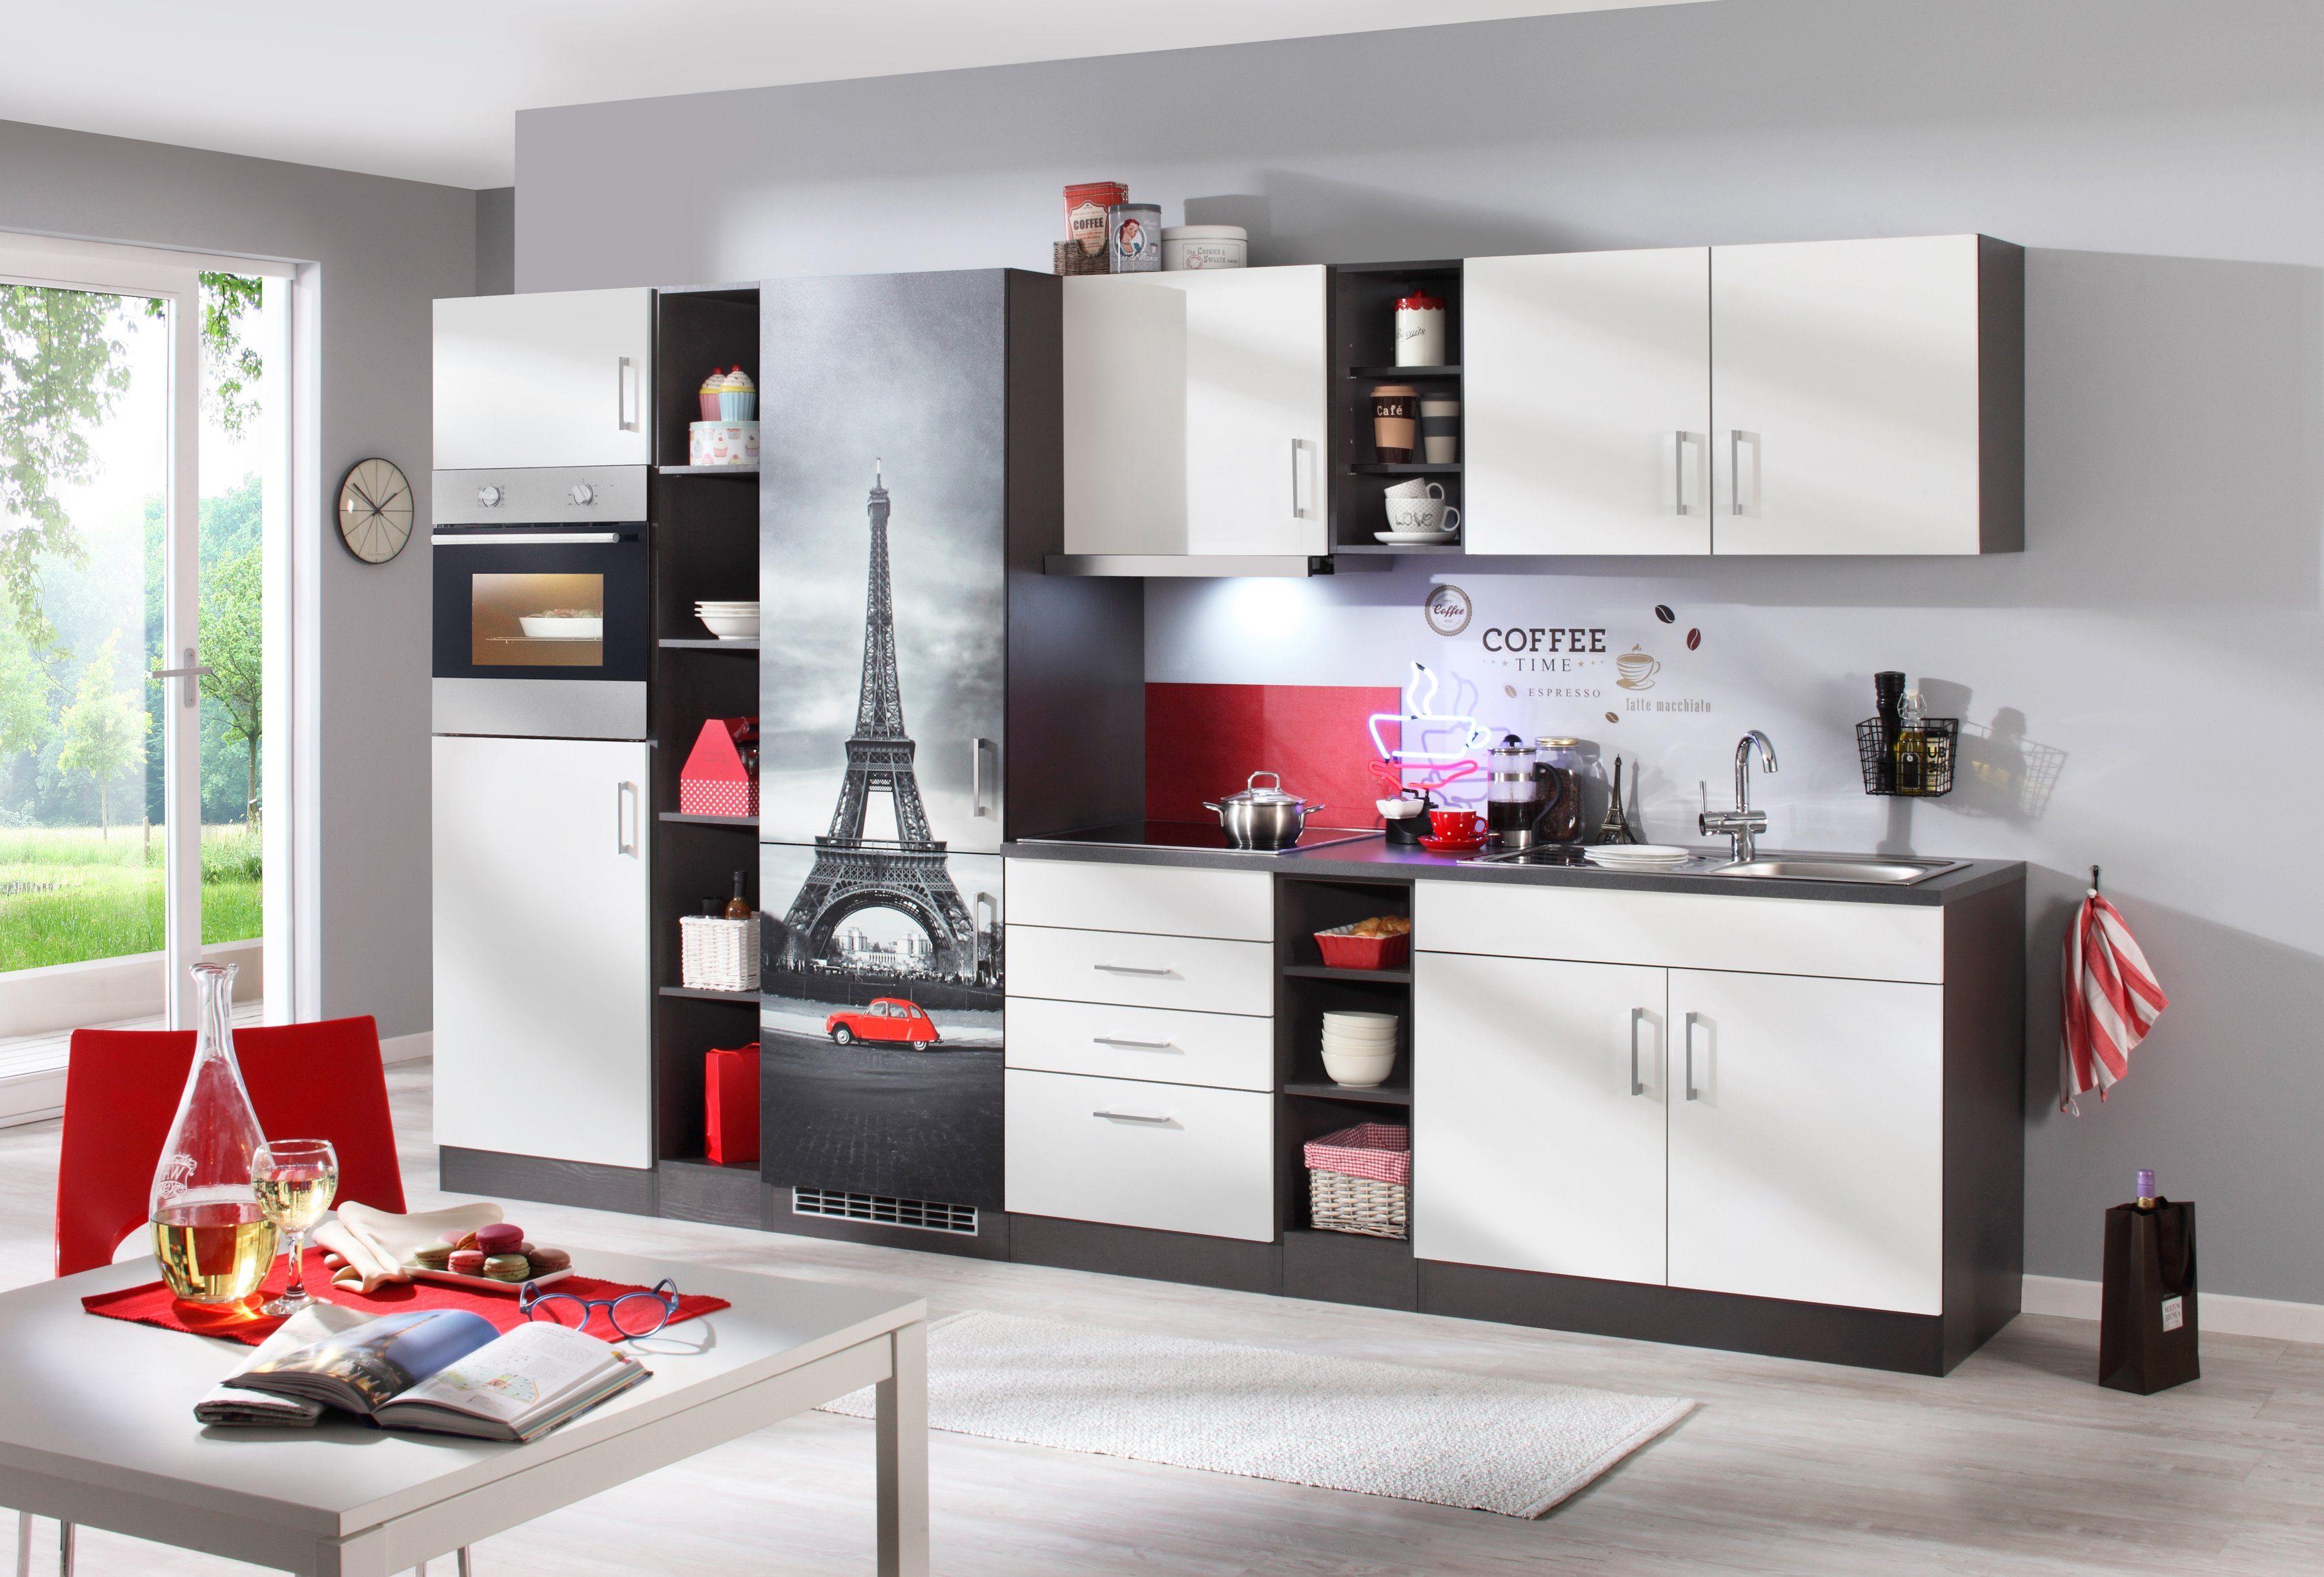 Otto küche mit e geräten möbel von respekta für küche günstig